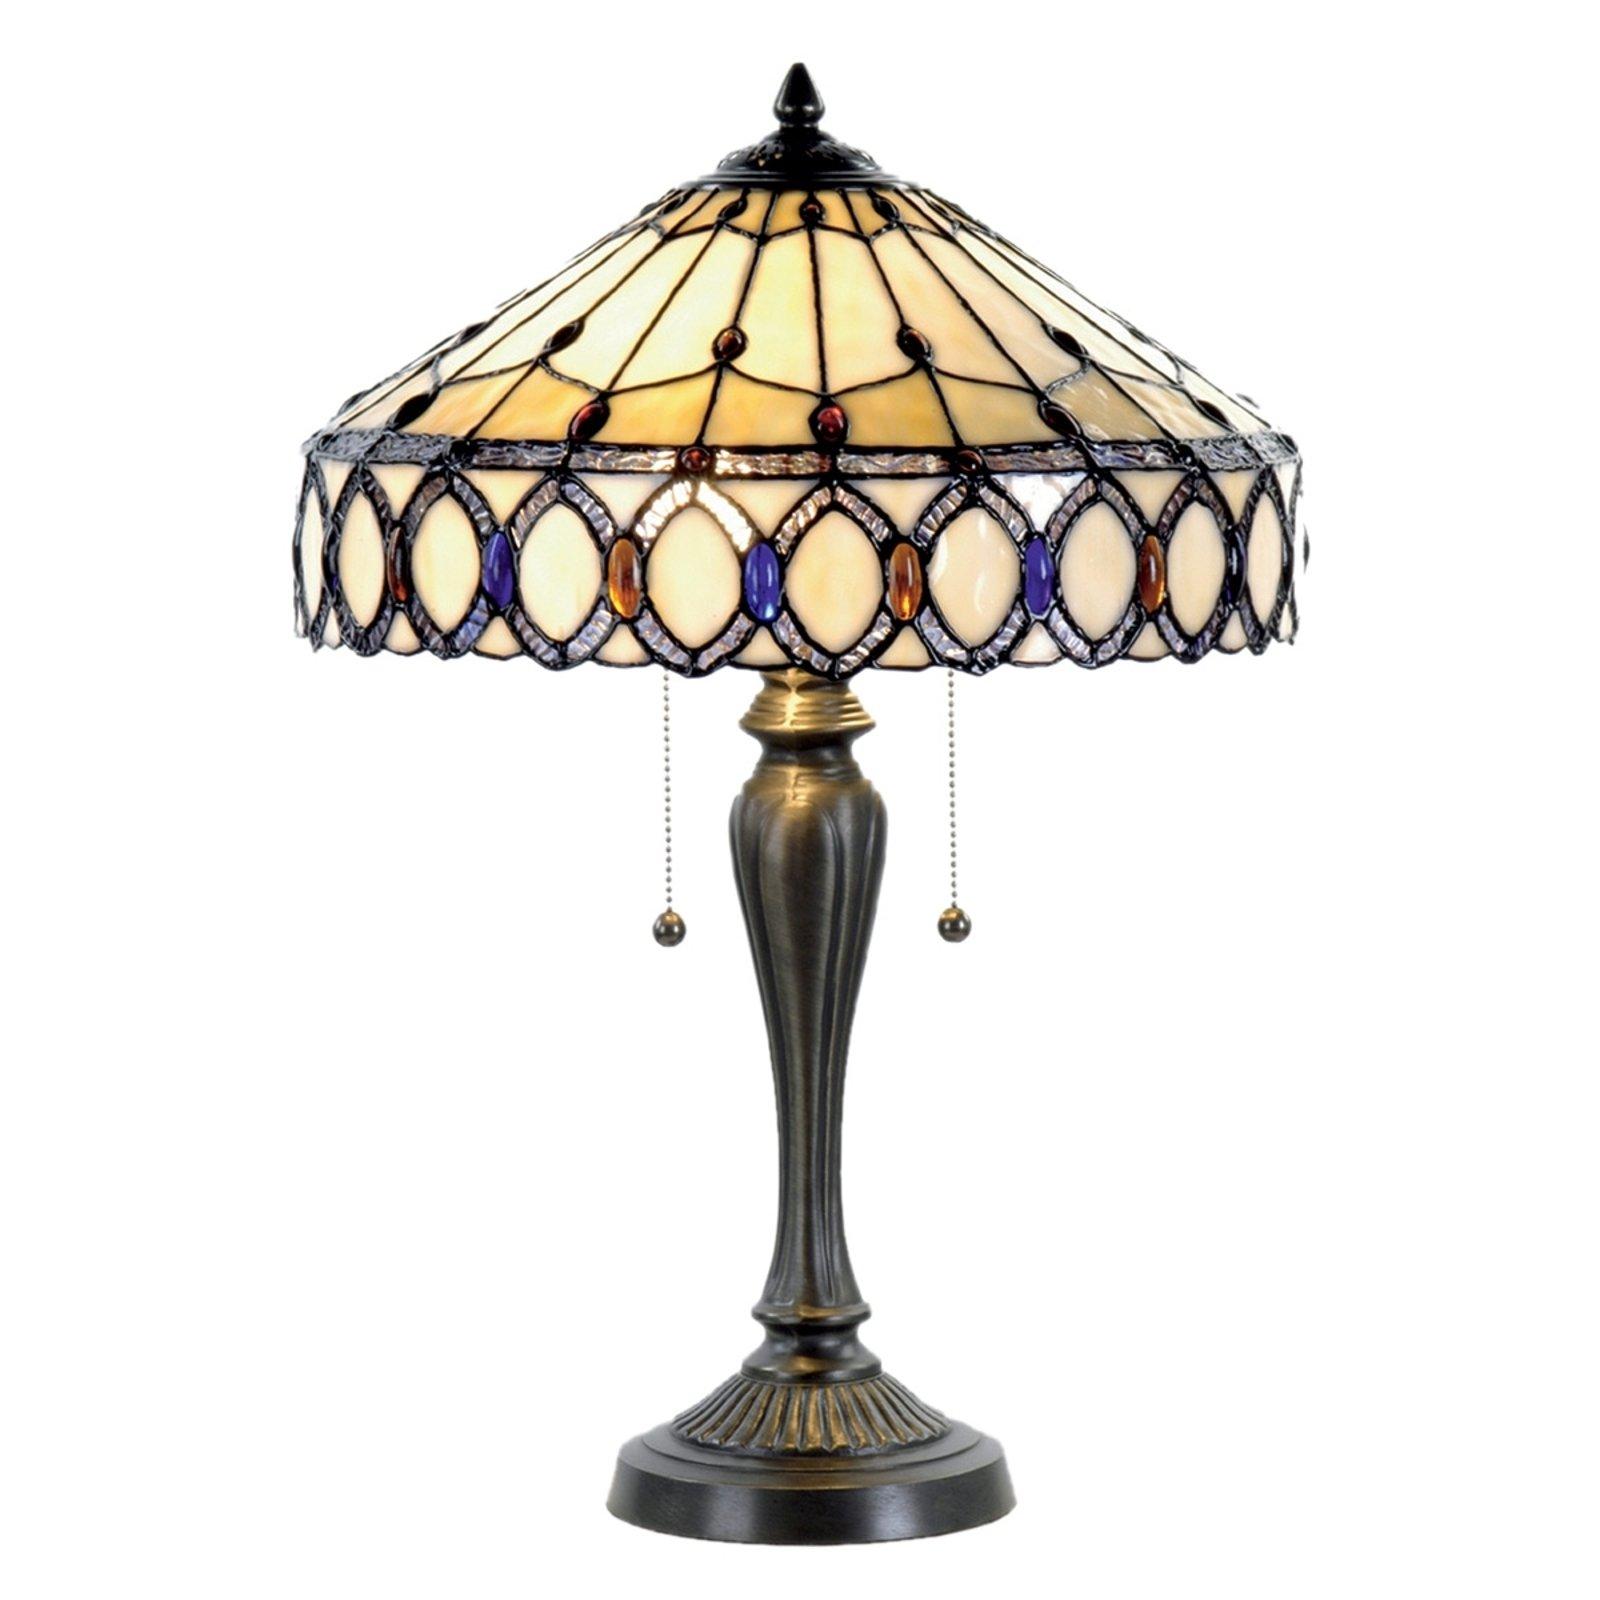 Attraktiv bordlampe Fiera i Tiffany-stil